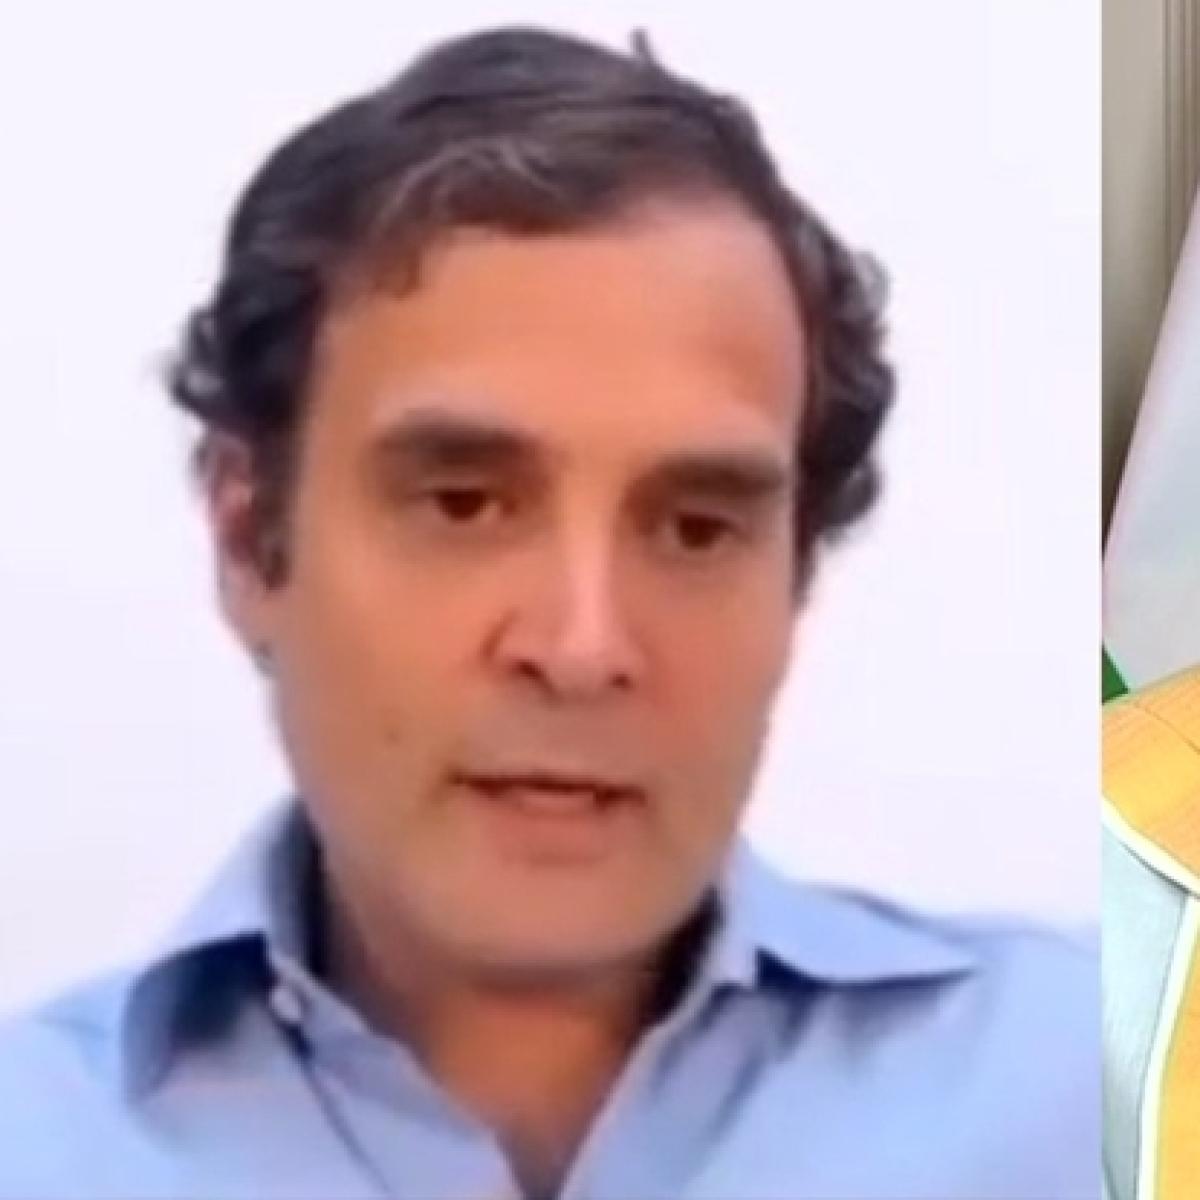 NaMo beard Vs RaGa hair - decoding PM Modi and Rahul Gandhi's quarantine look